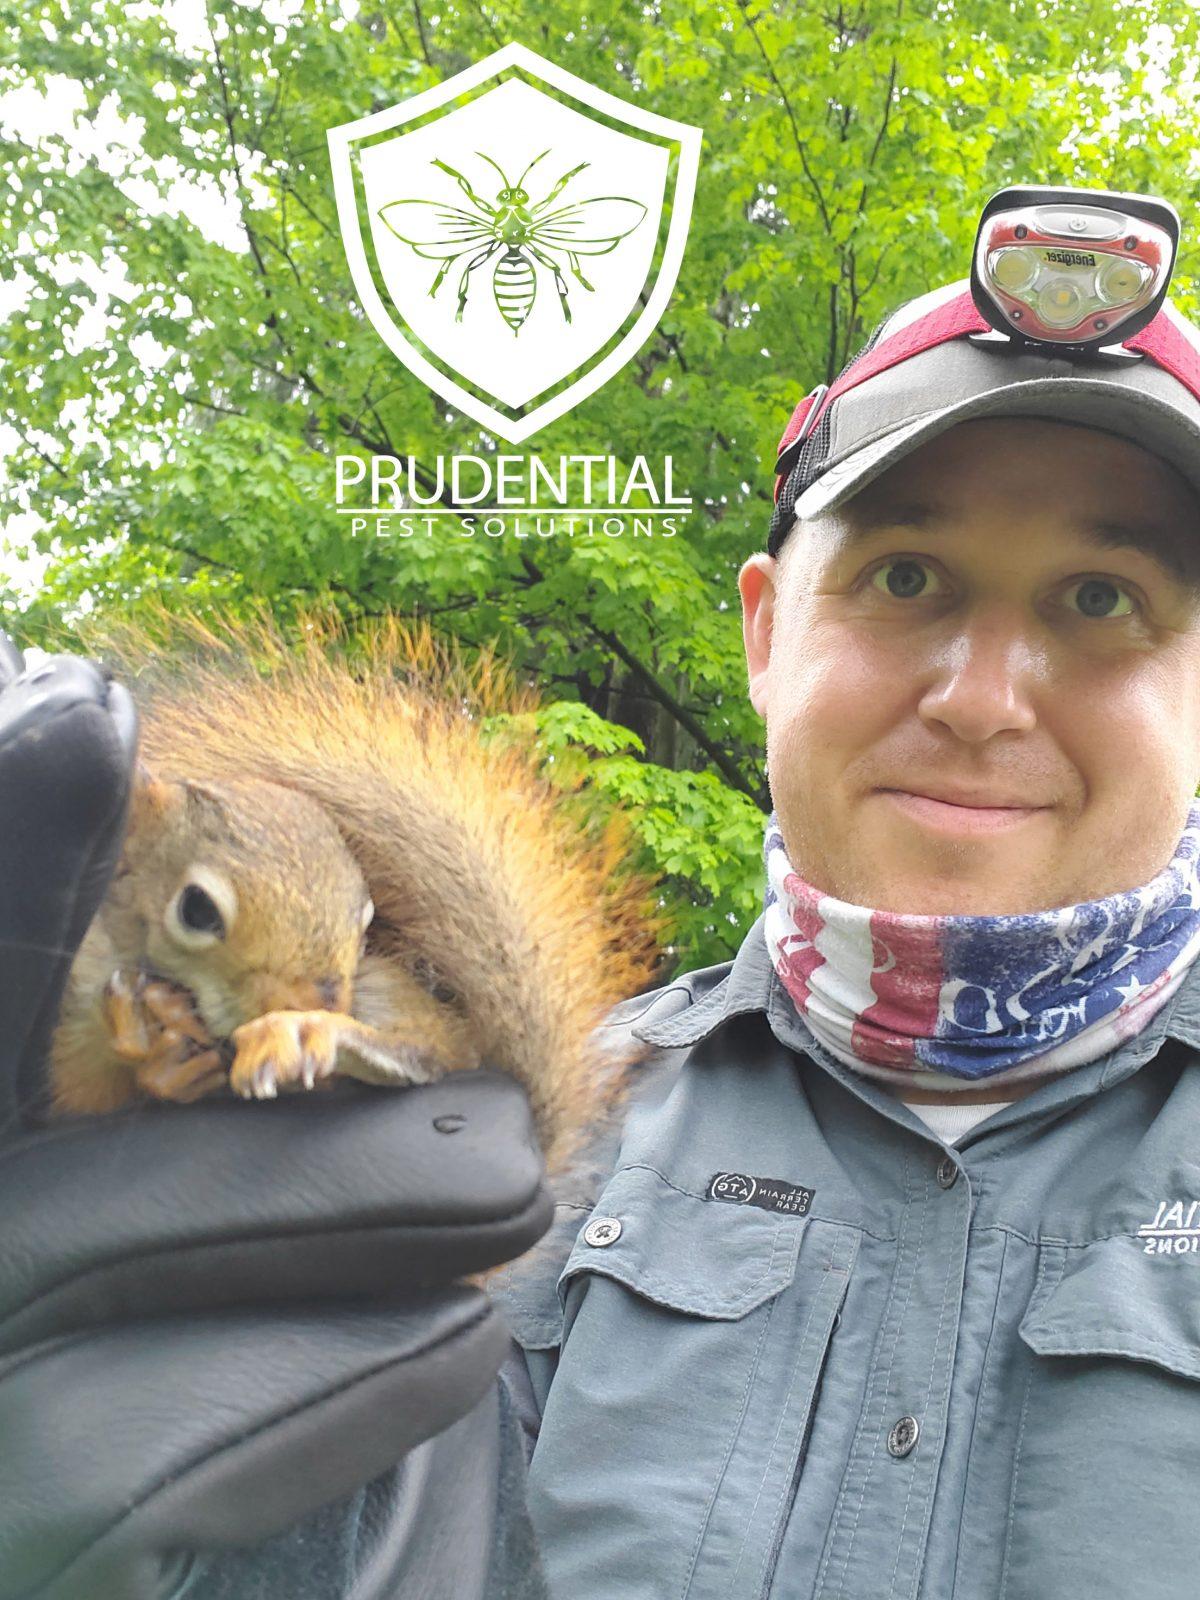 squirrel experts